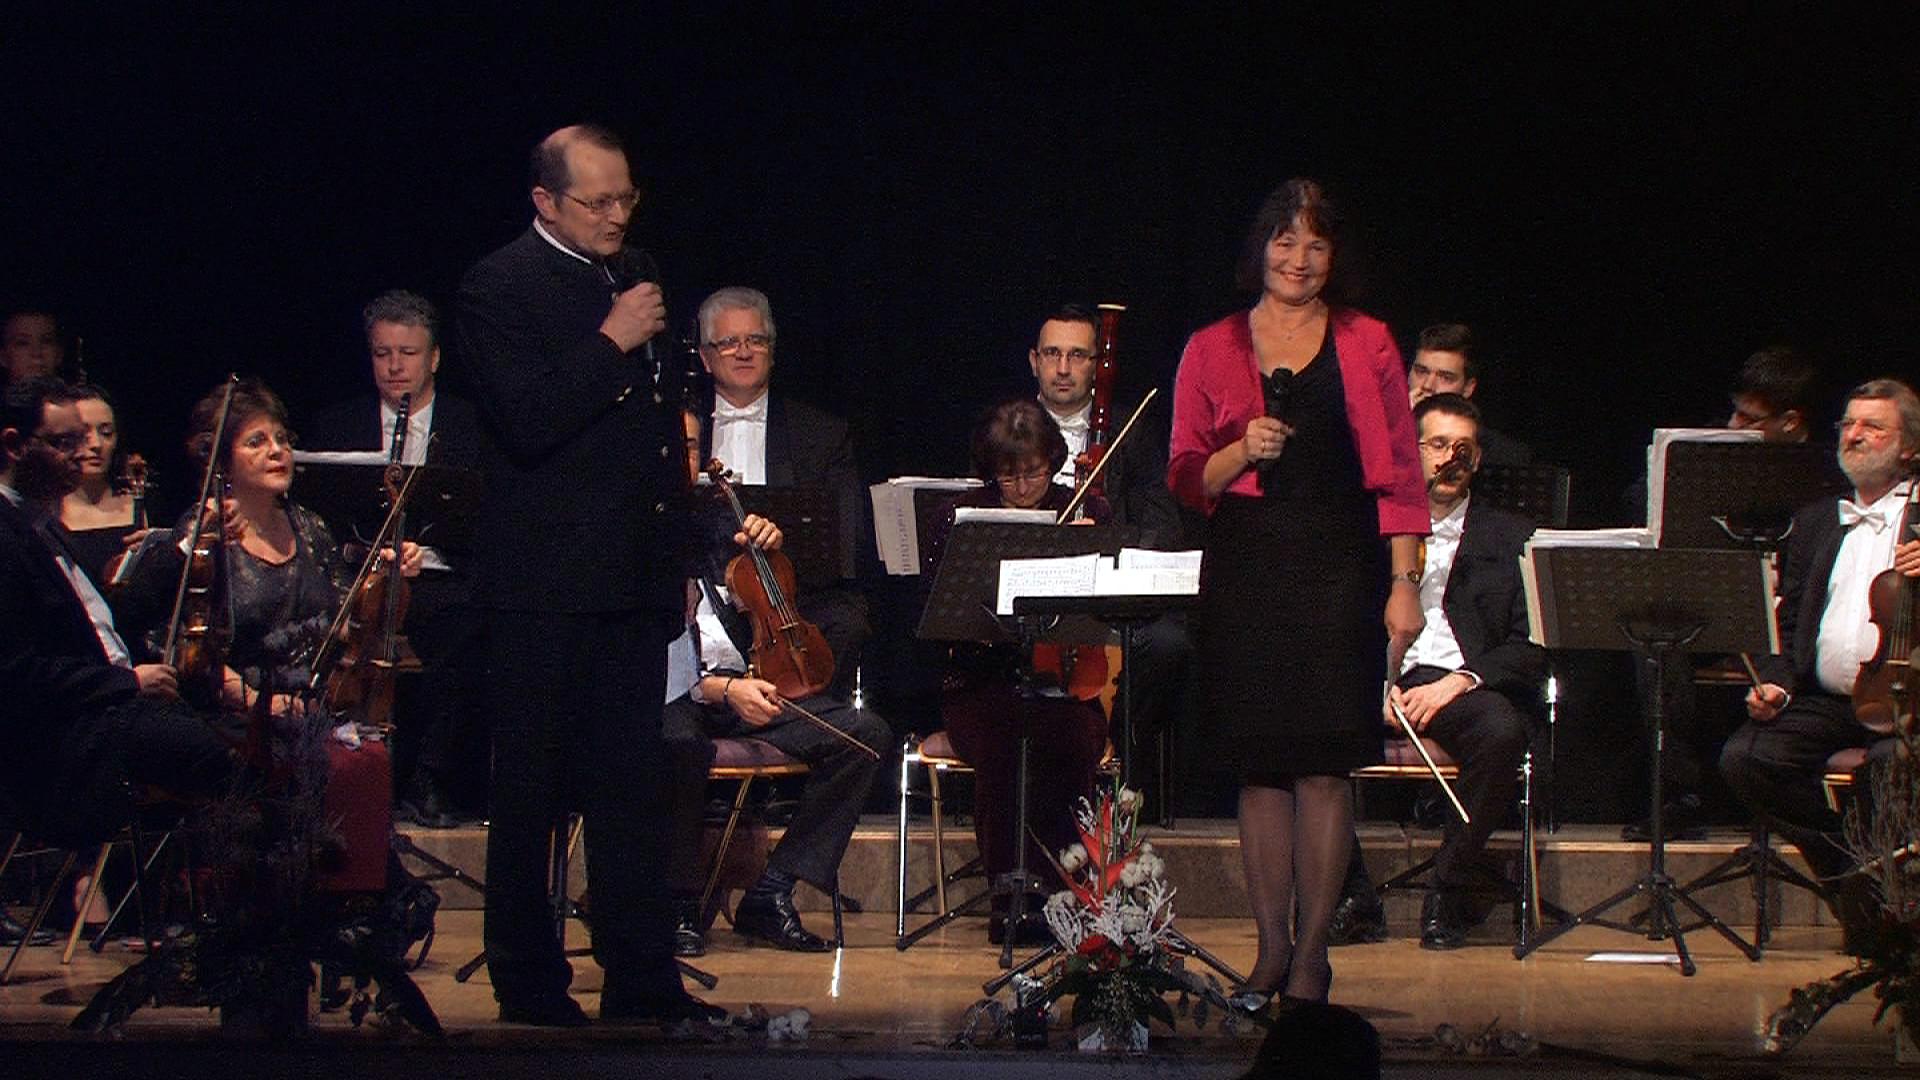 Die Moderatoren Dr. Herbert Wurster und Erika Schwitulla (2. und 1. Vorsitzende des Kultur- und Geschichtsvereins Vilshofen).